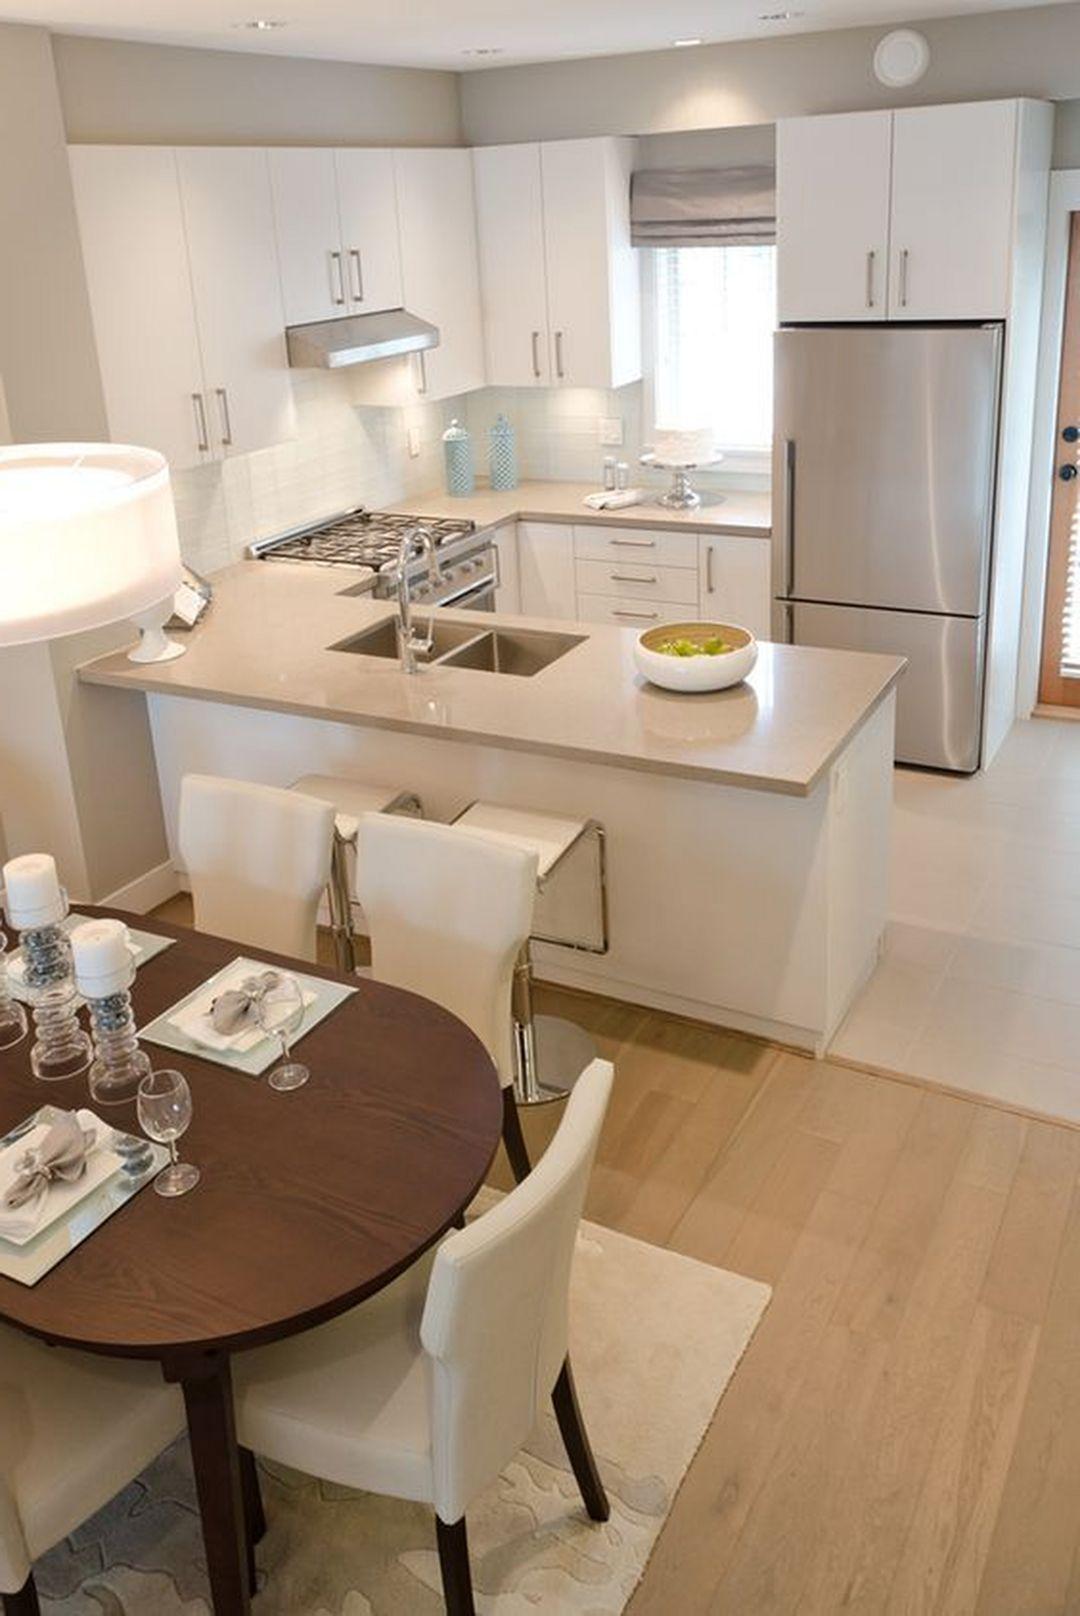 best 15 amazing small modern kitchen design ideas small modern kitchens small apartment on small kaboodle kitchen ideas id=35017